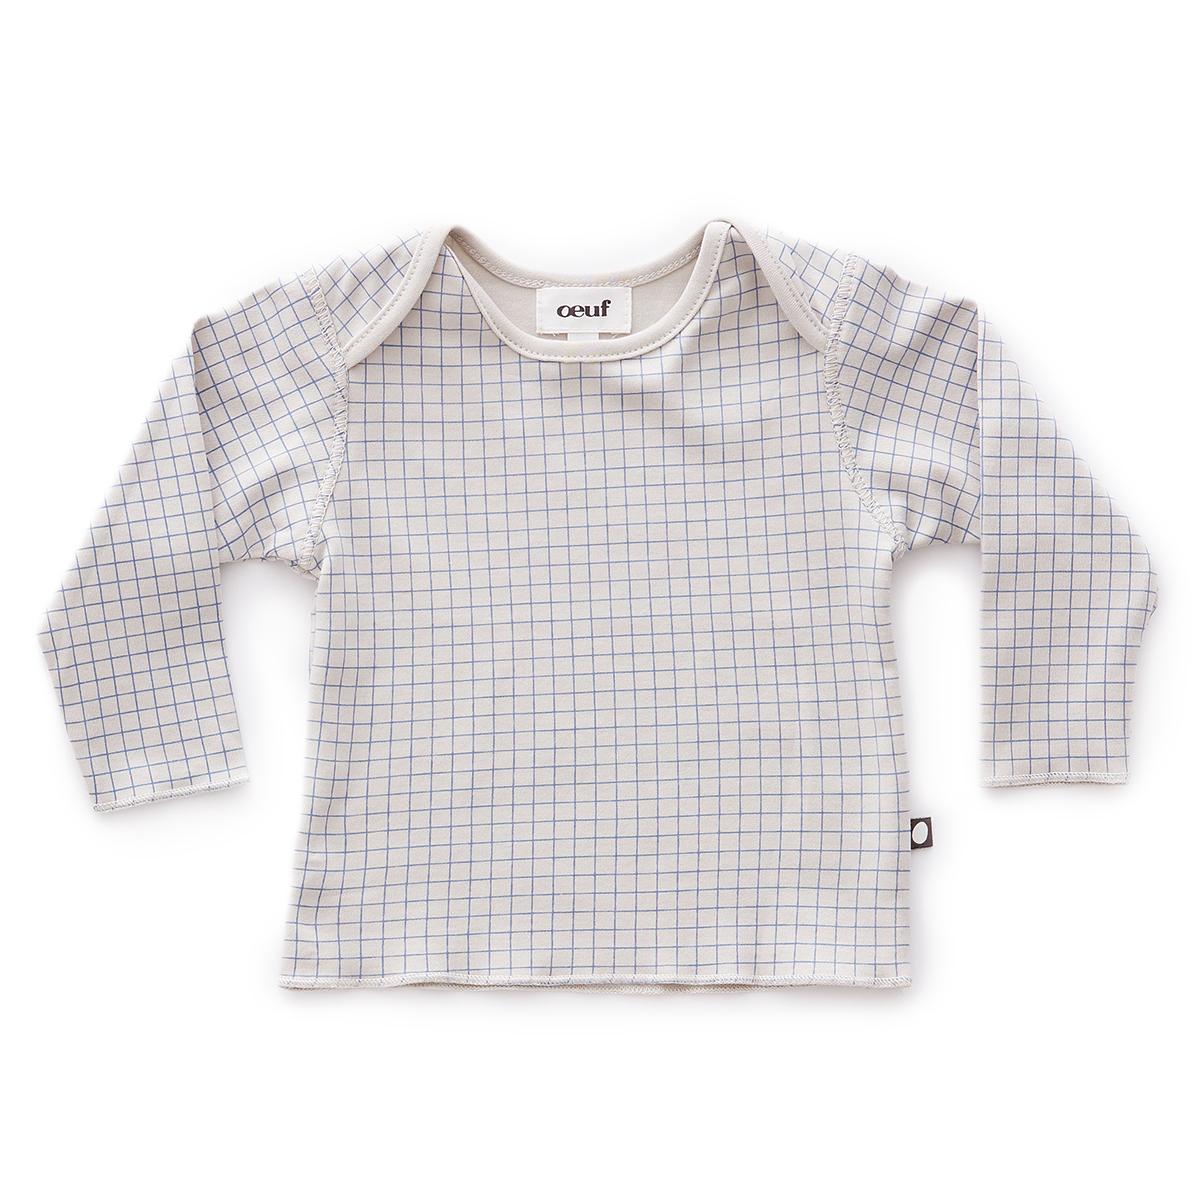 Hauts bébé Tee-shirt à Carreaux Gris et Bleu - 12 Mois Tee-shirt à Carreaux Gris et Bleu - 12 Mois